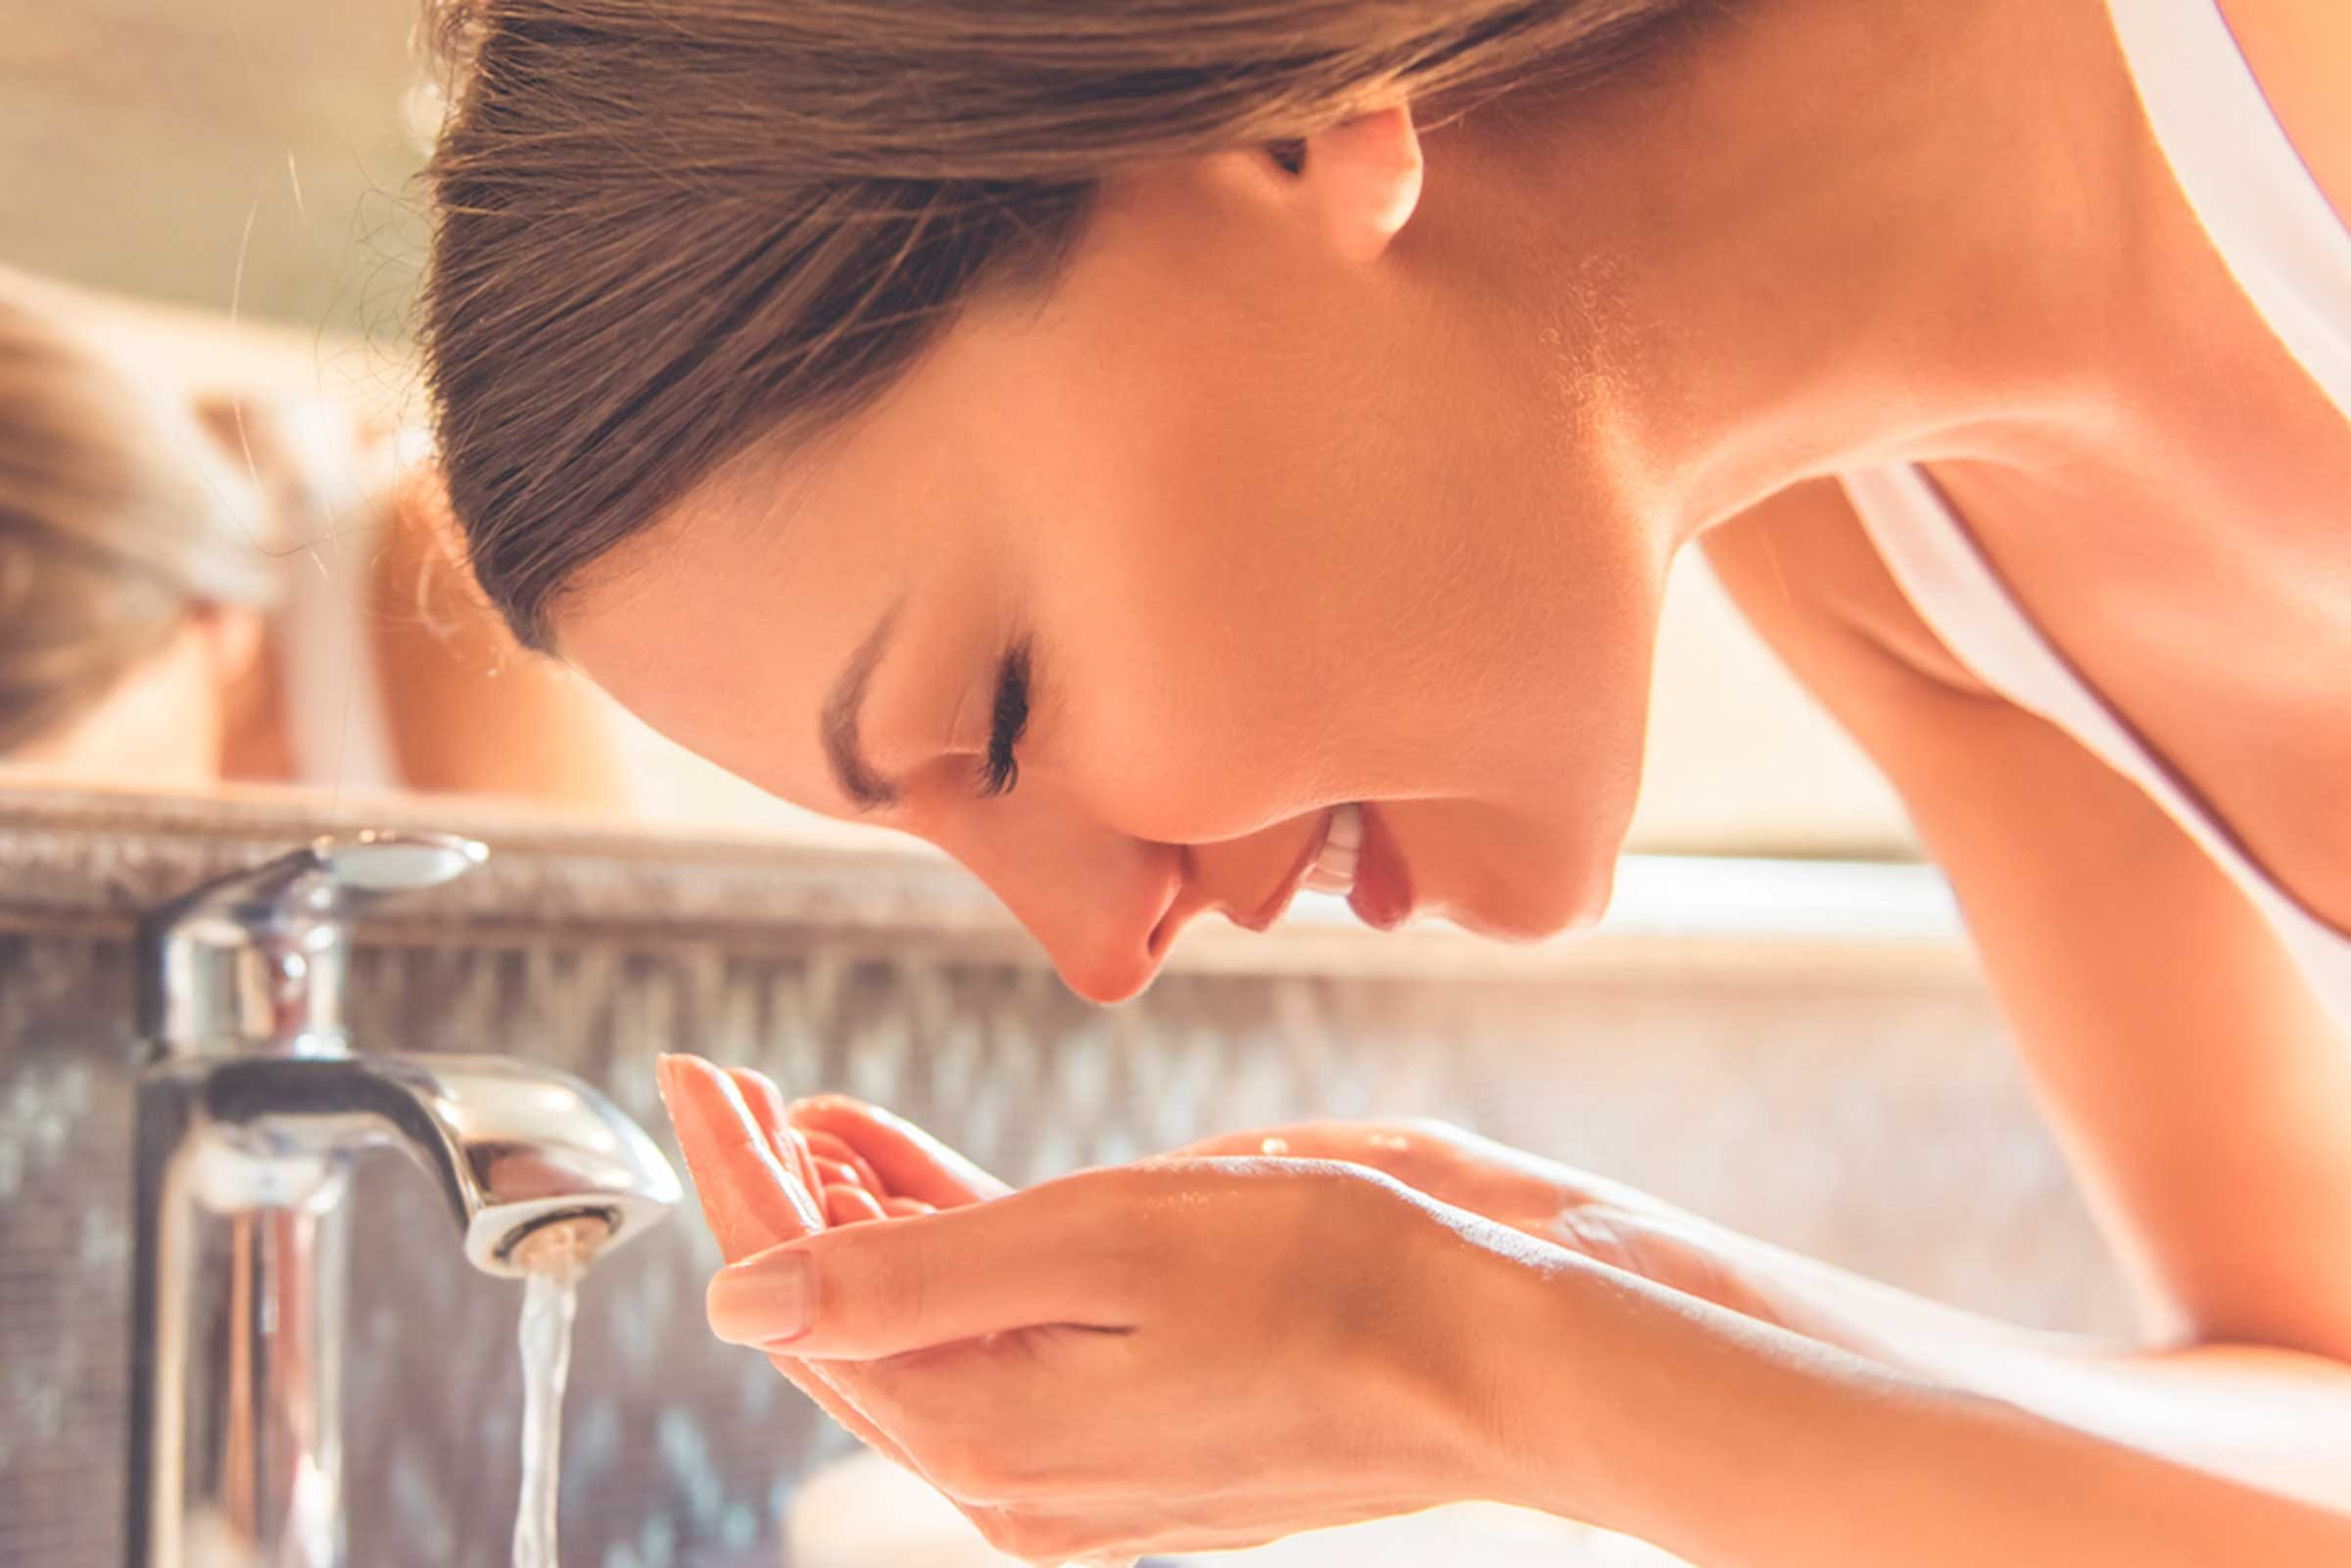 Beauté: Entretenez une saine relation avec votre maquillage